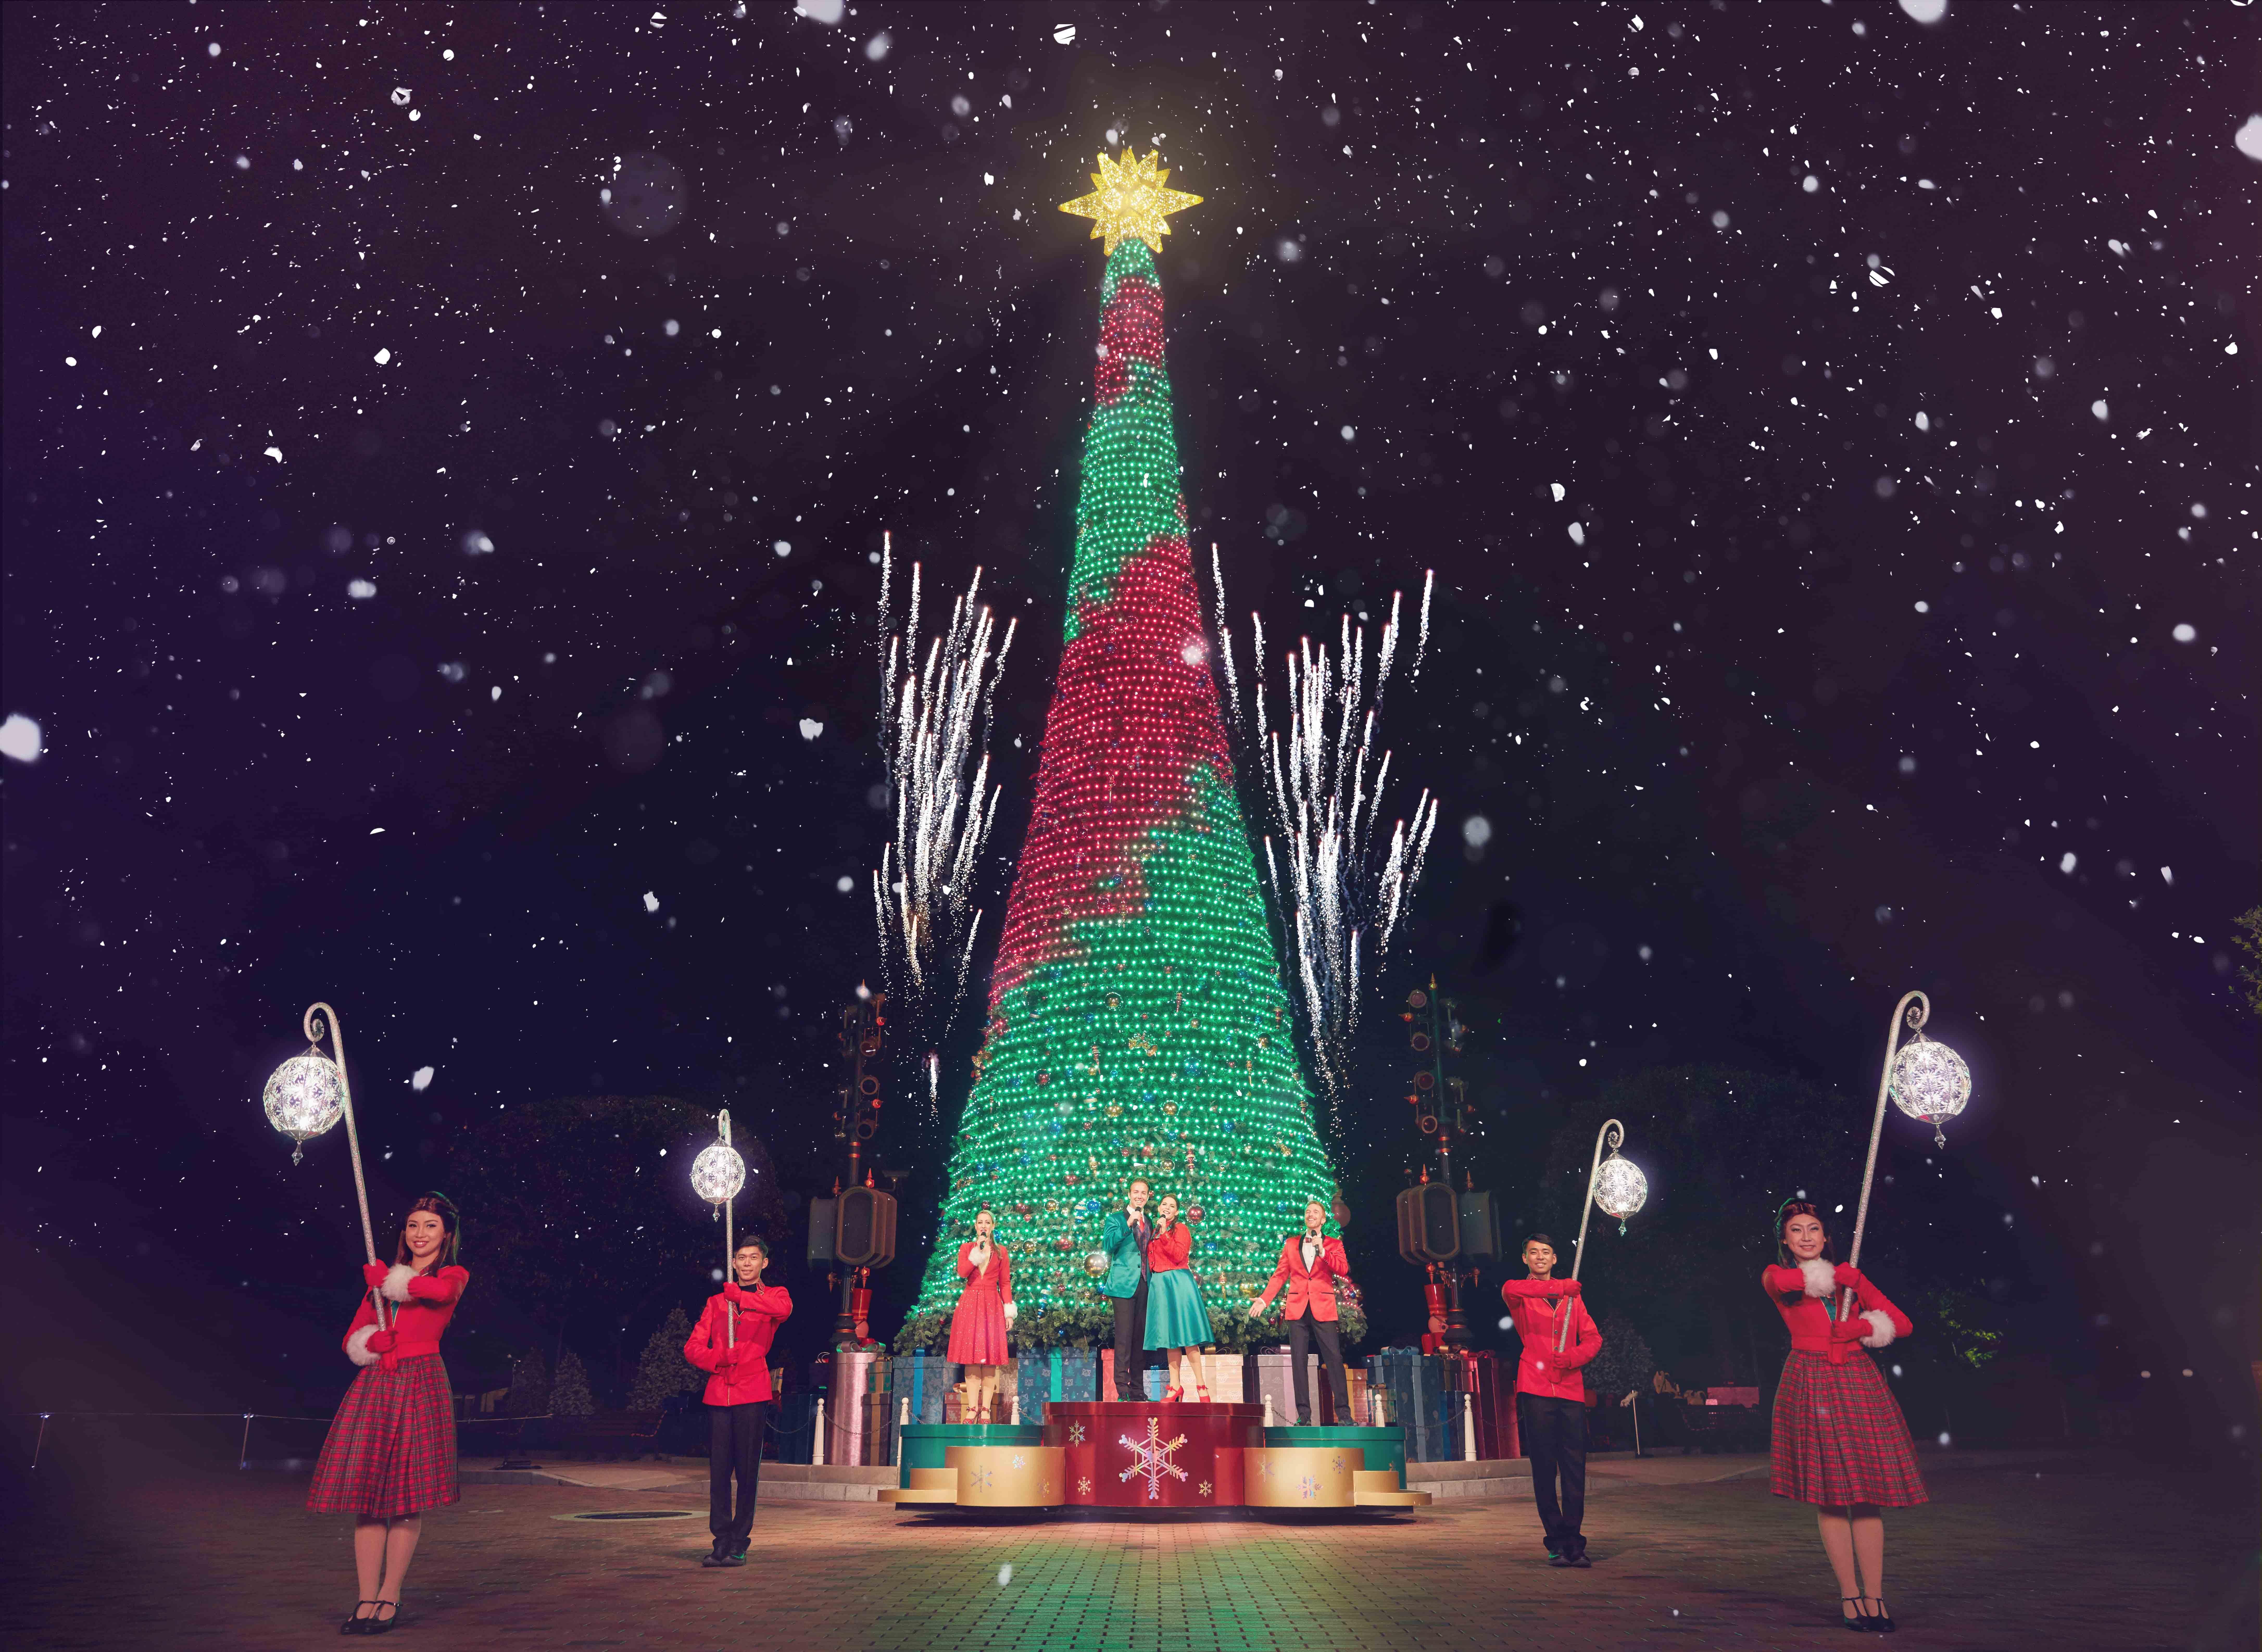 giáng sinh tại hong kong disneyland: lễ hội cây thông ánh sáng